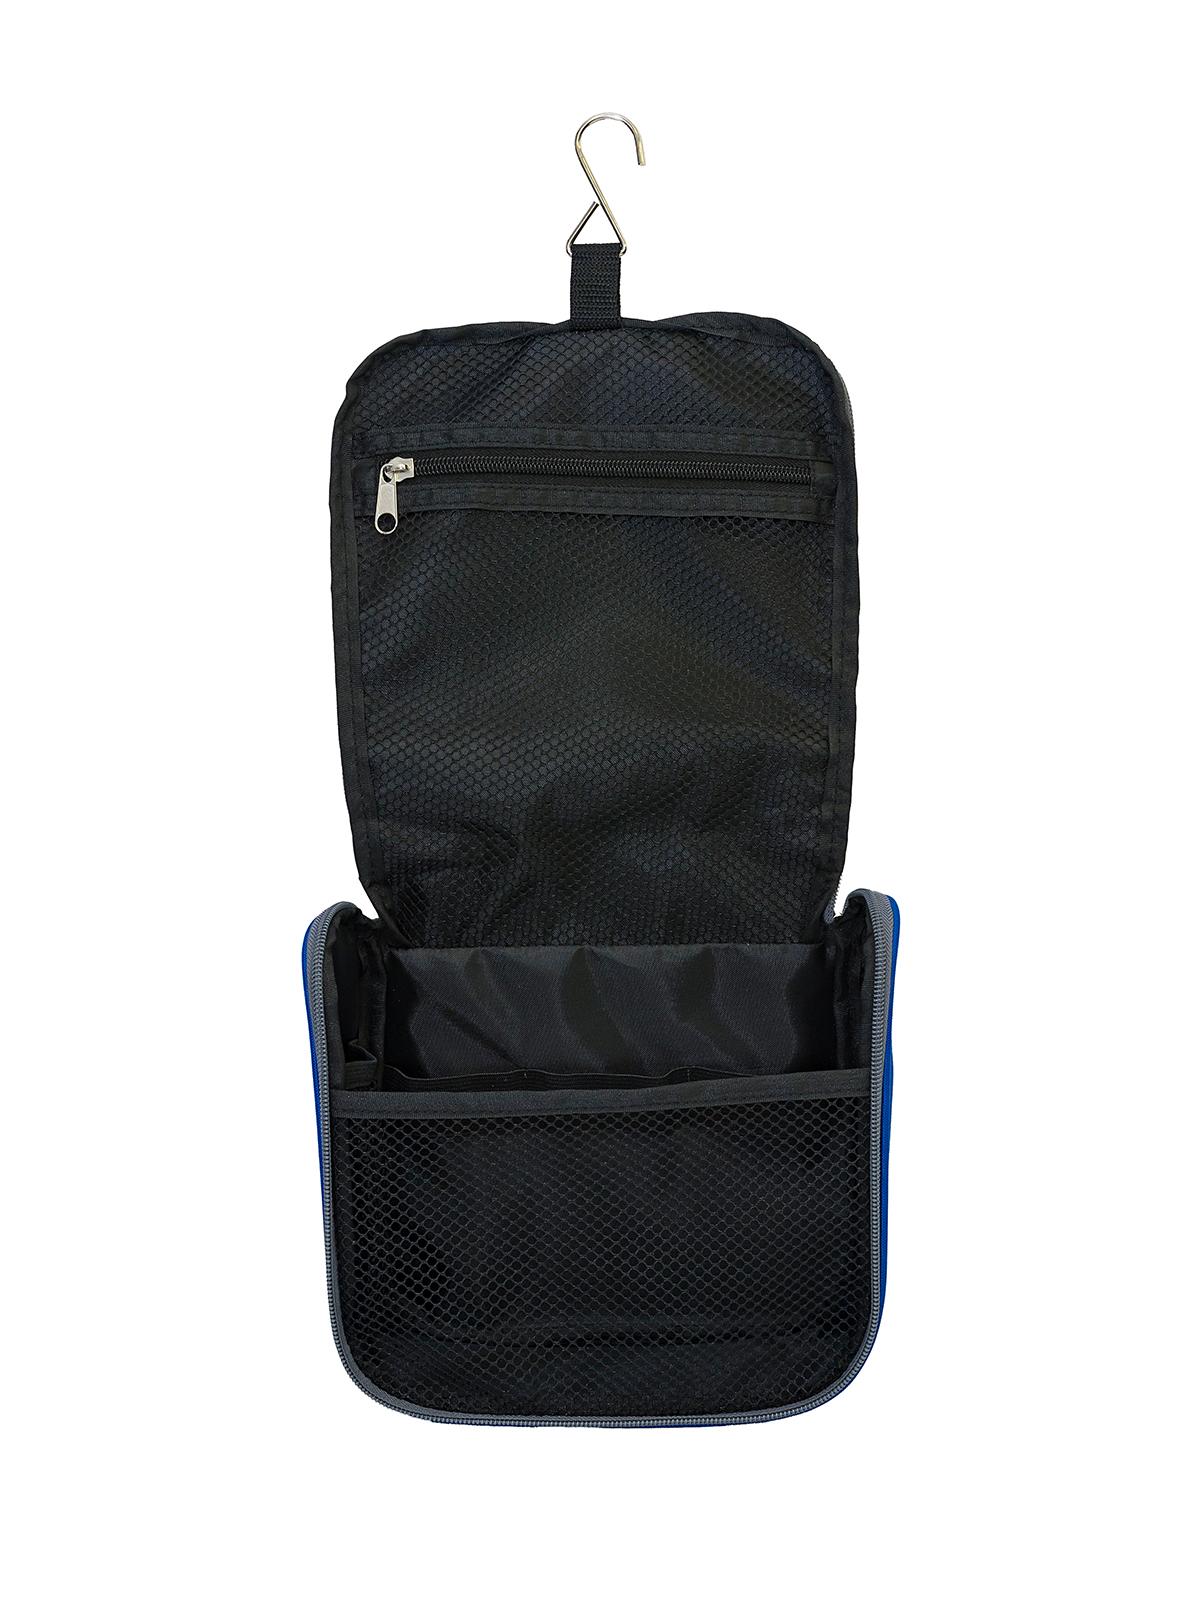 customised toiletry bag